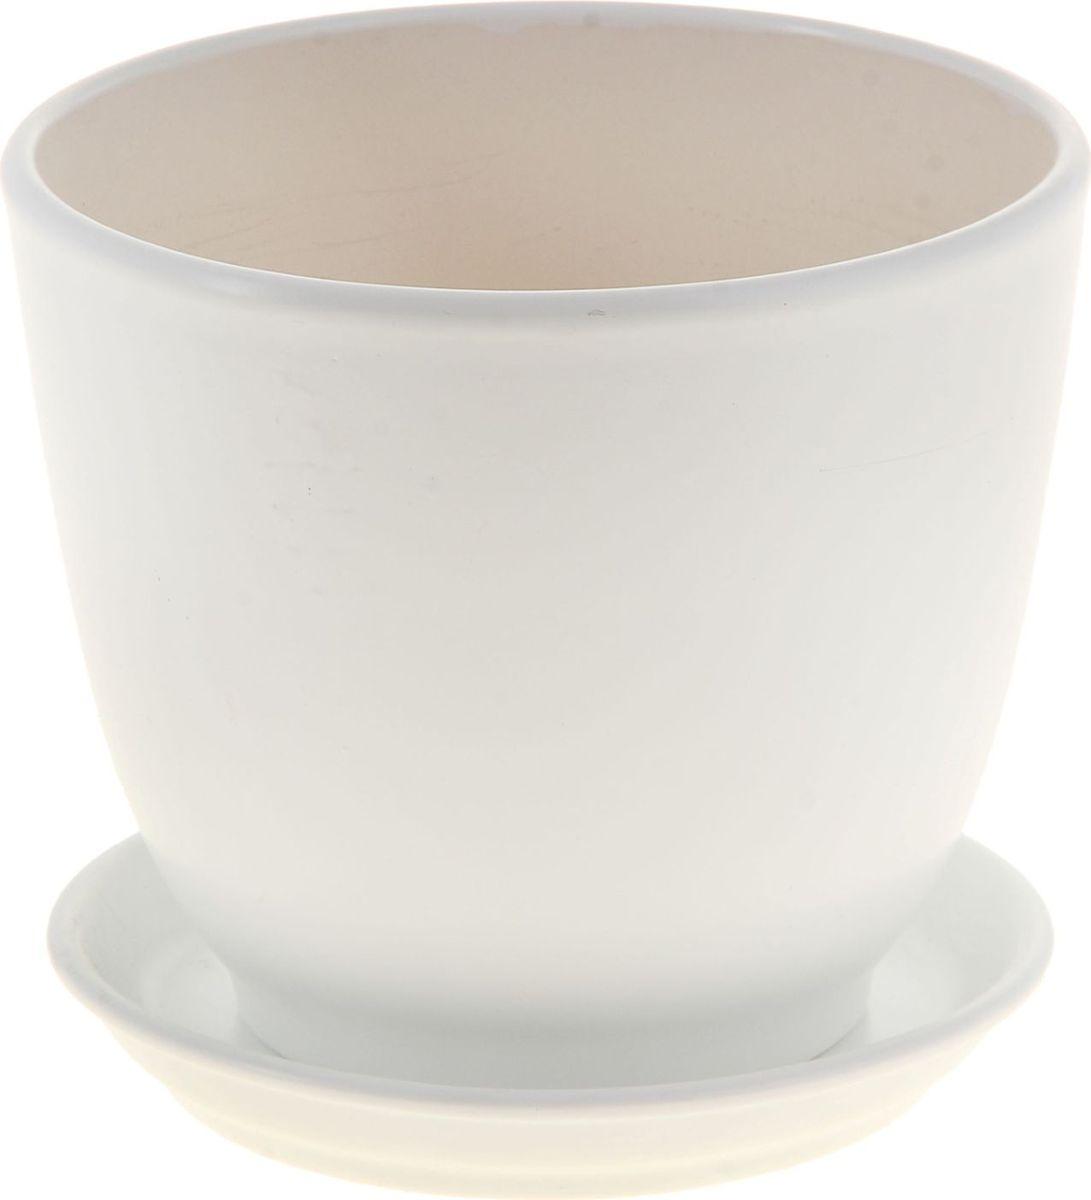 Кашпо Керамика ручной работы Кедр. Глянец, цвет: белый, 2,2 л1019395Комнатные растения - всеобщие любимцы. Они радуют глаз, насыщают помещение кислородом и украшают пространство. Каждому из них необходим свой удобный и красивый дом. Кашпо из керамики прекрасно подходят для высадки растений:пористый материал позволяет испаряться лишней влаге;воздух, необходимый для дыхания корней, проникает сквозь керамические стенки. Кашпо Кедр позаботится о зеленом питомце, освежит интерьер и подчеркнет его стиль.